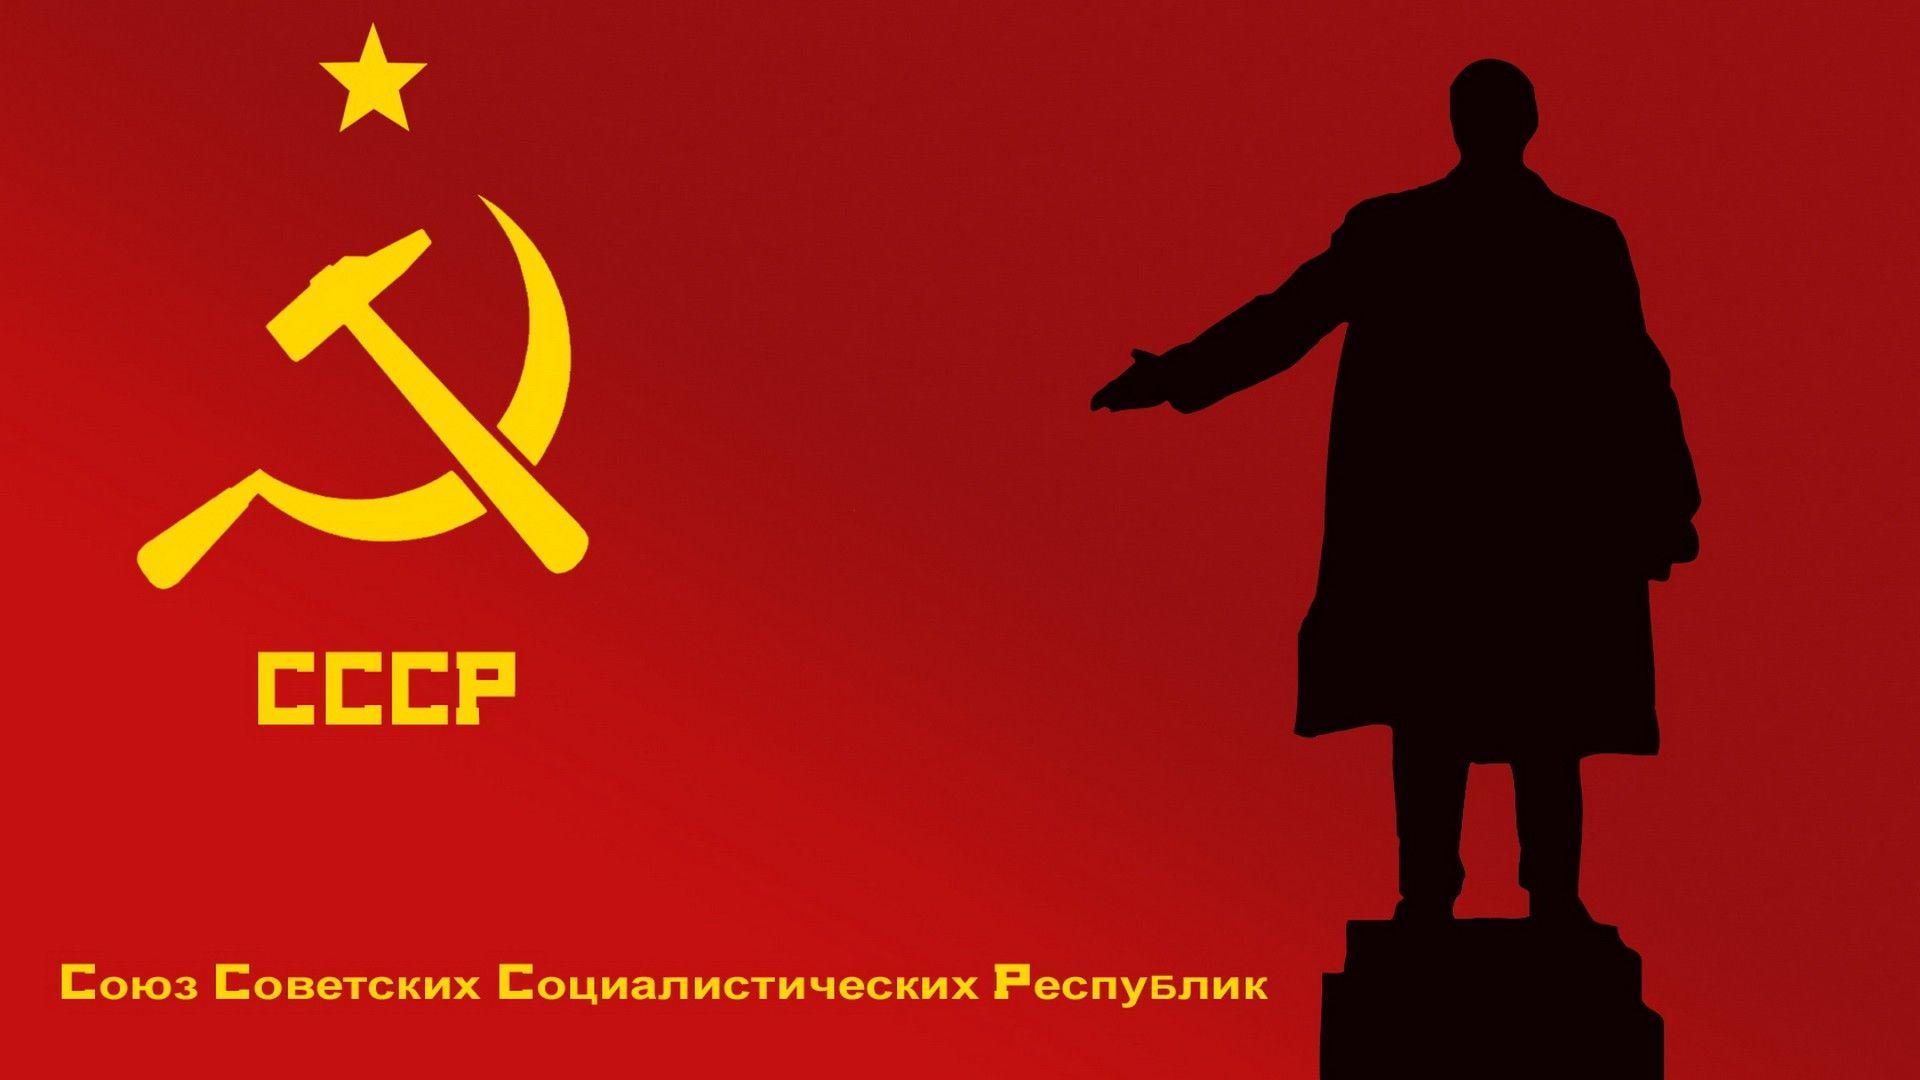 soviet wallpaper 1920x1080